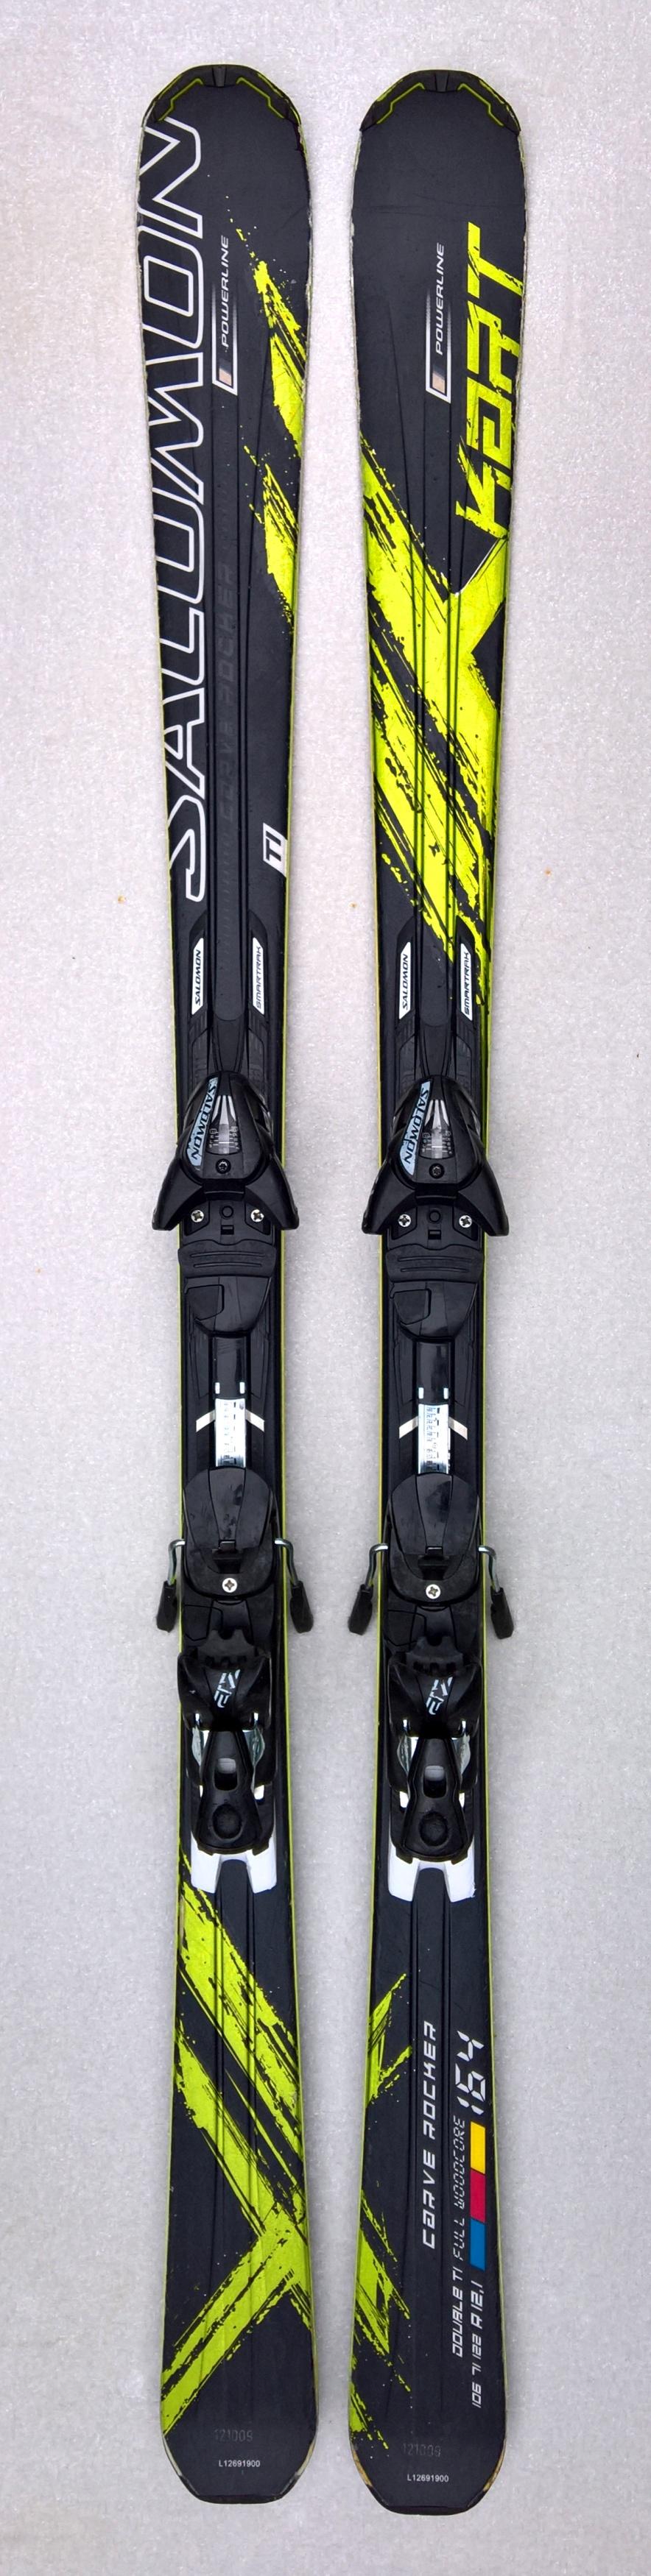 624f08d9b použité lyže Salomon S-kart Ti   Skicentrum Jihlava - prodej lyží ...